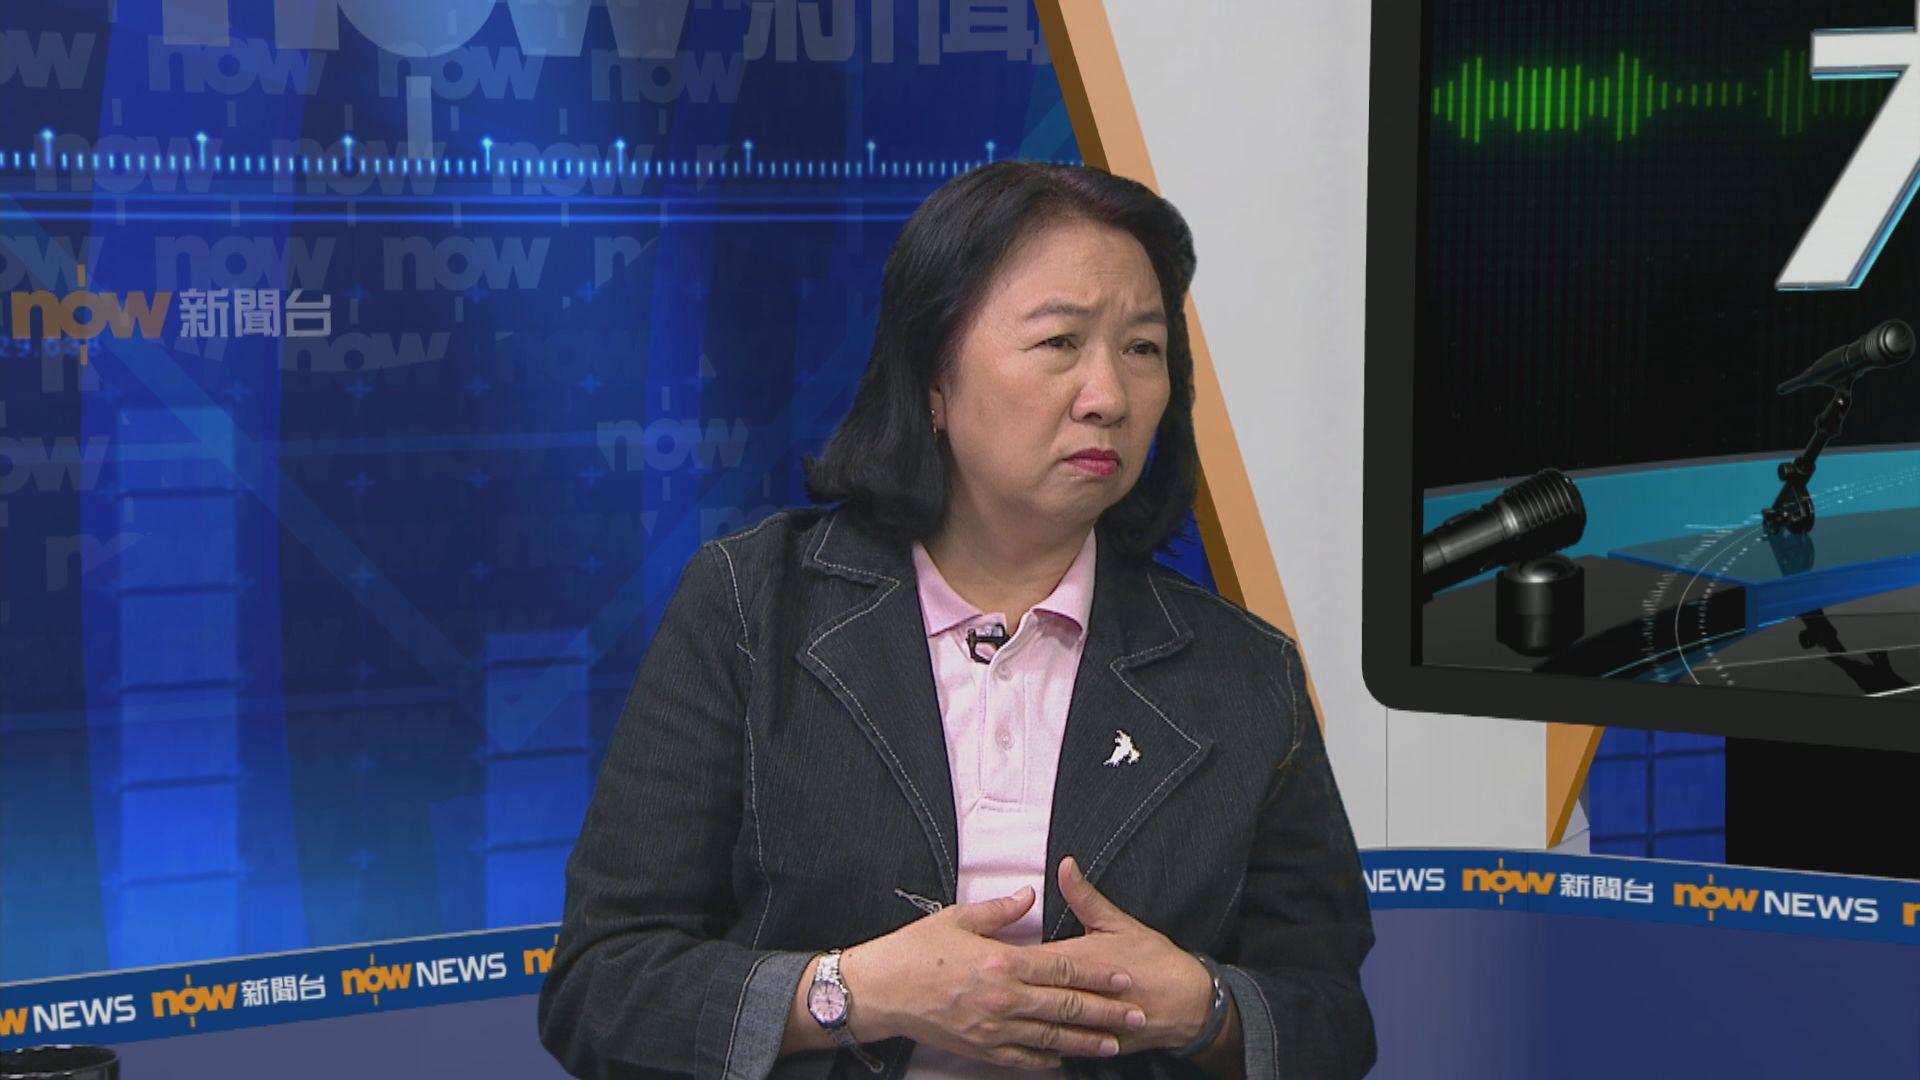 中西區區議會主席鄭麗琼被警方拘捕